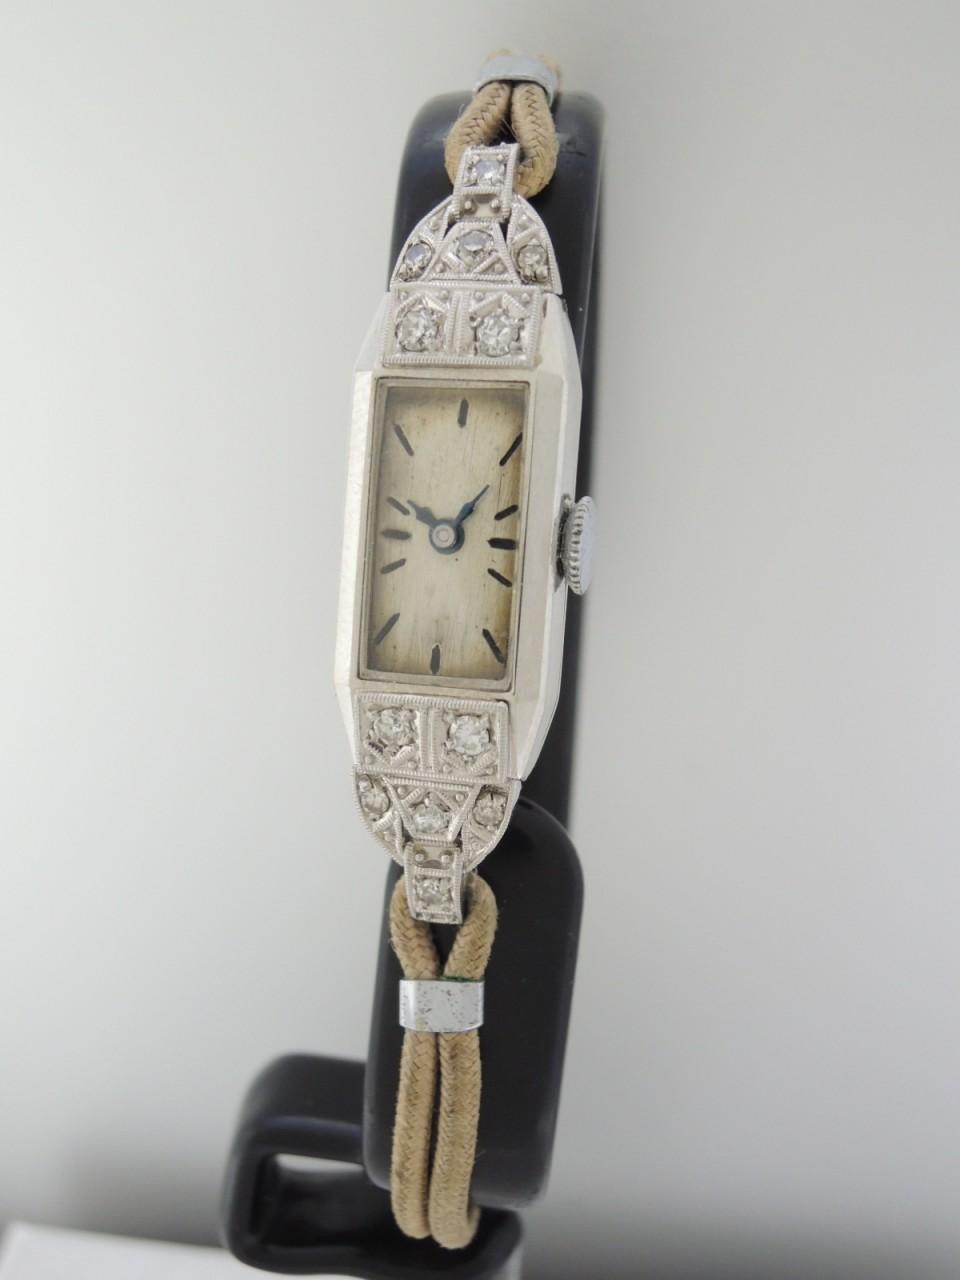 Vintage Damenuhr Rewa Art-Deco Stil ca. 1920er Weißgold 14k